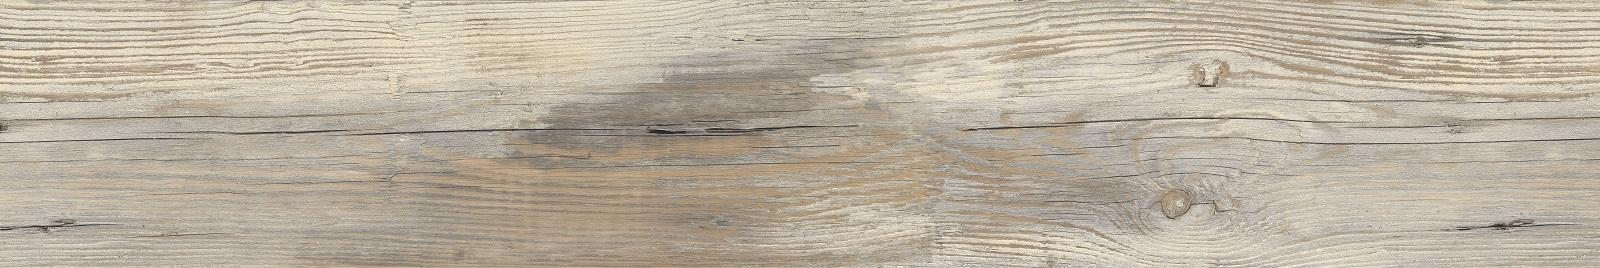 Плитка Legno Beige (zzxlv3r) изображение 1